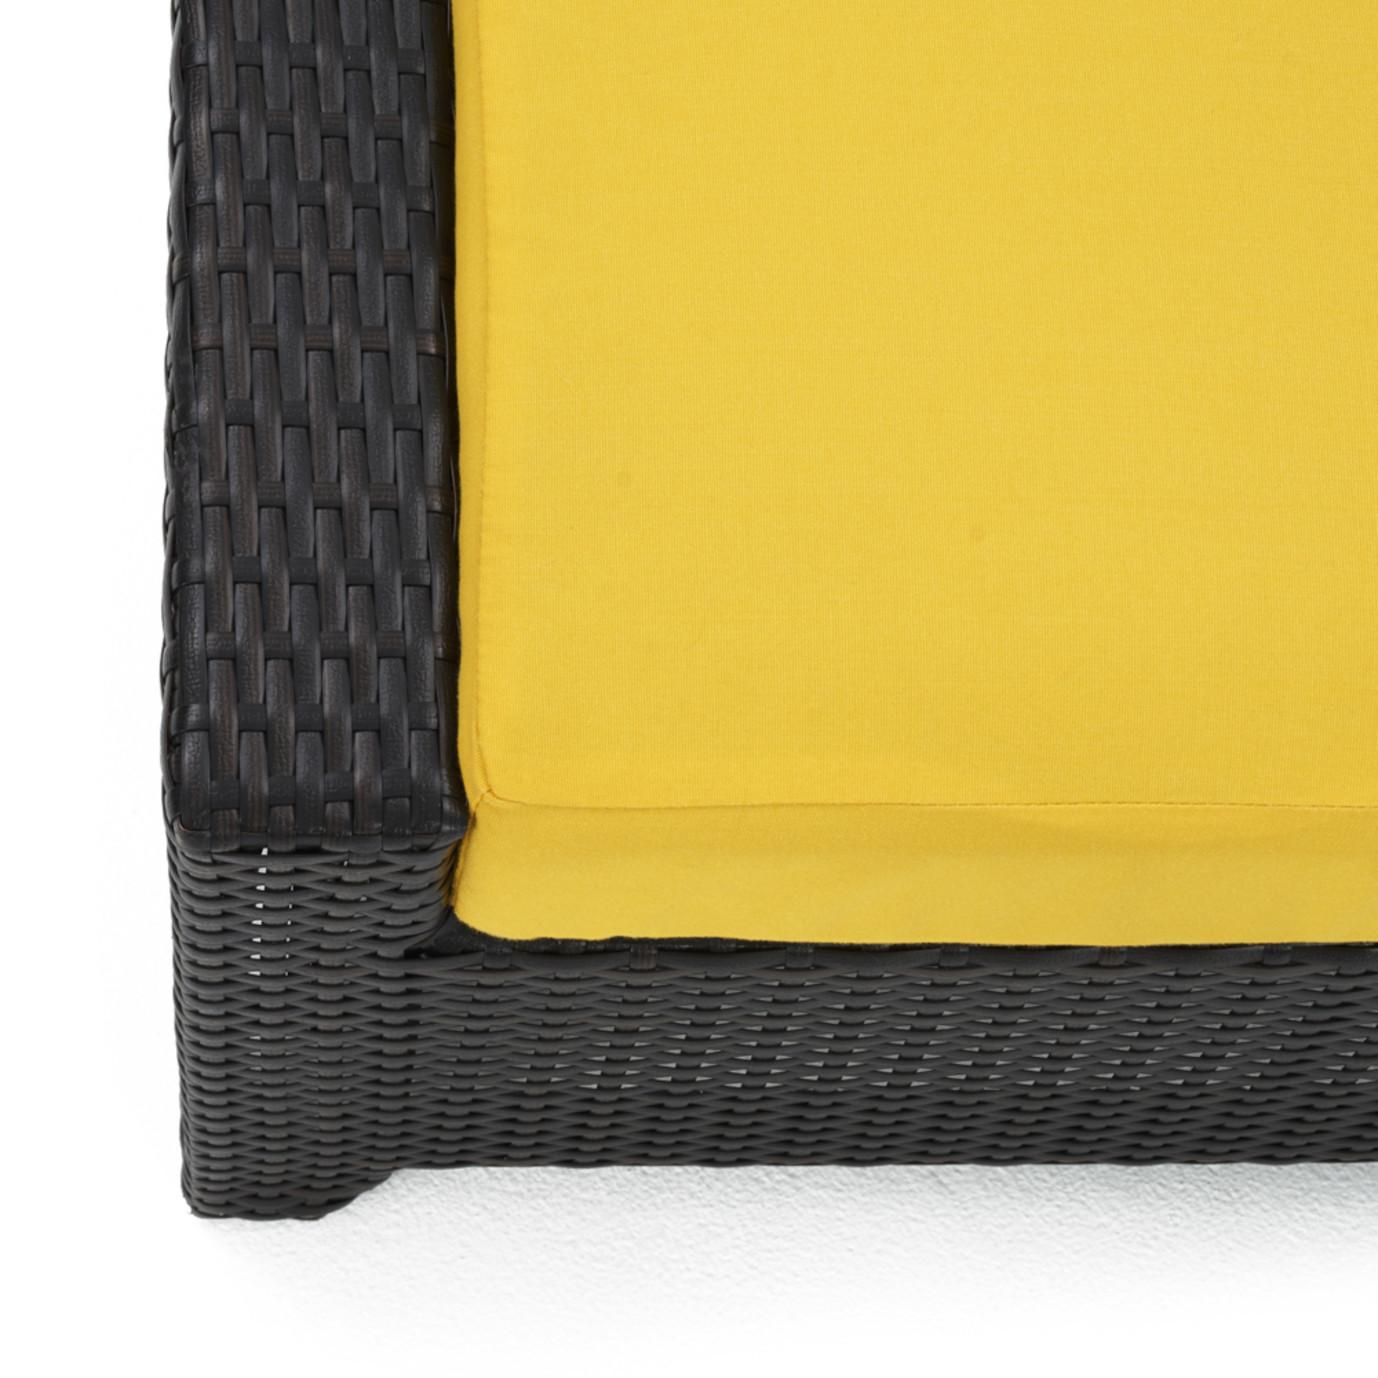 Deco™ Loveseat & Ottoman - Sunflower Yellow